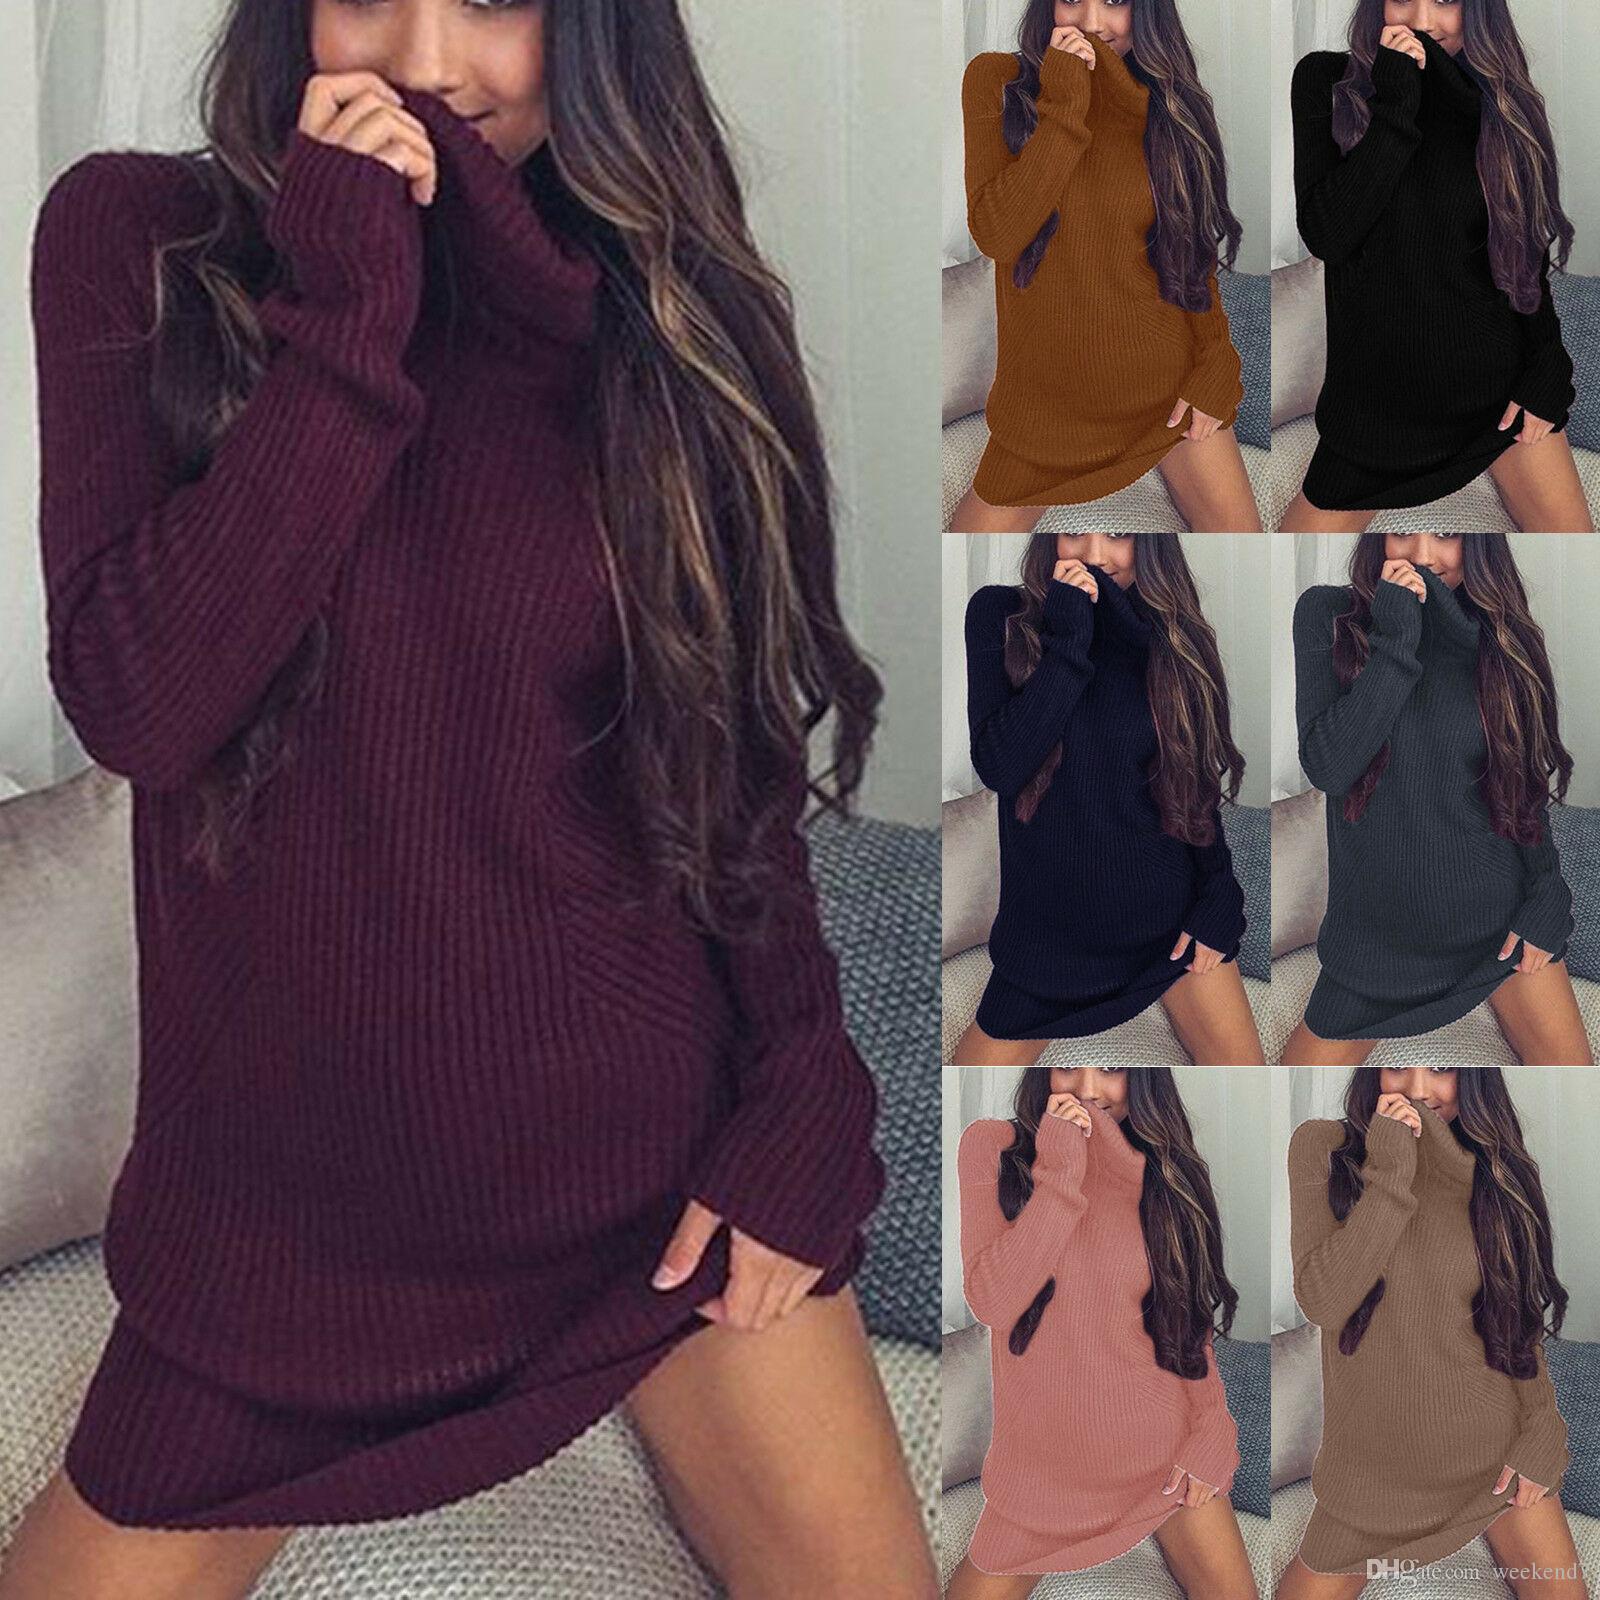 9 컬러 S-XL 여성의 폴로 롤 넥 케이블 니트 스웨터 긴 소매 점퍼 미니 드레스 53248478748764